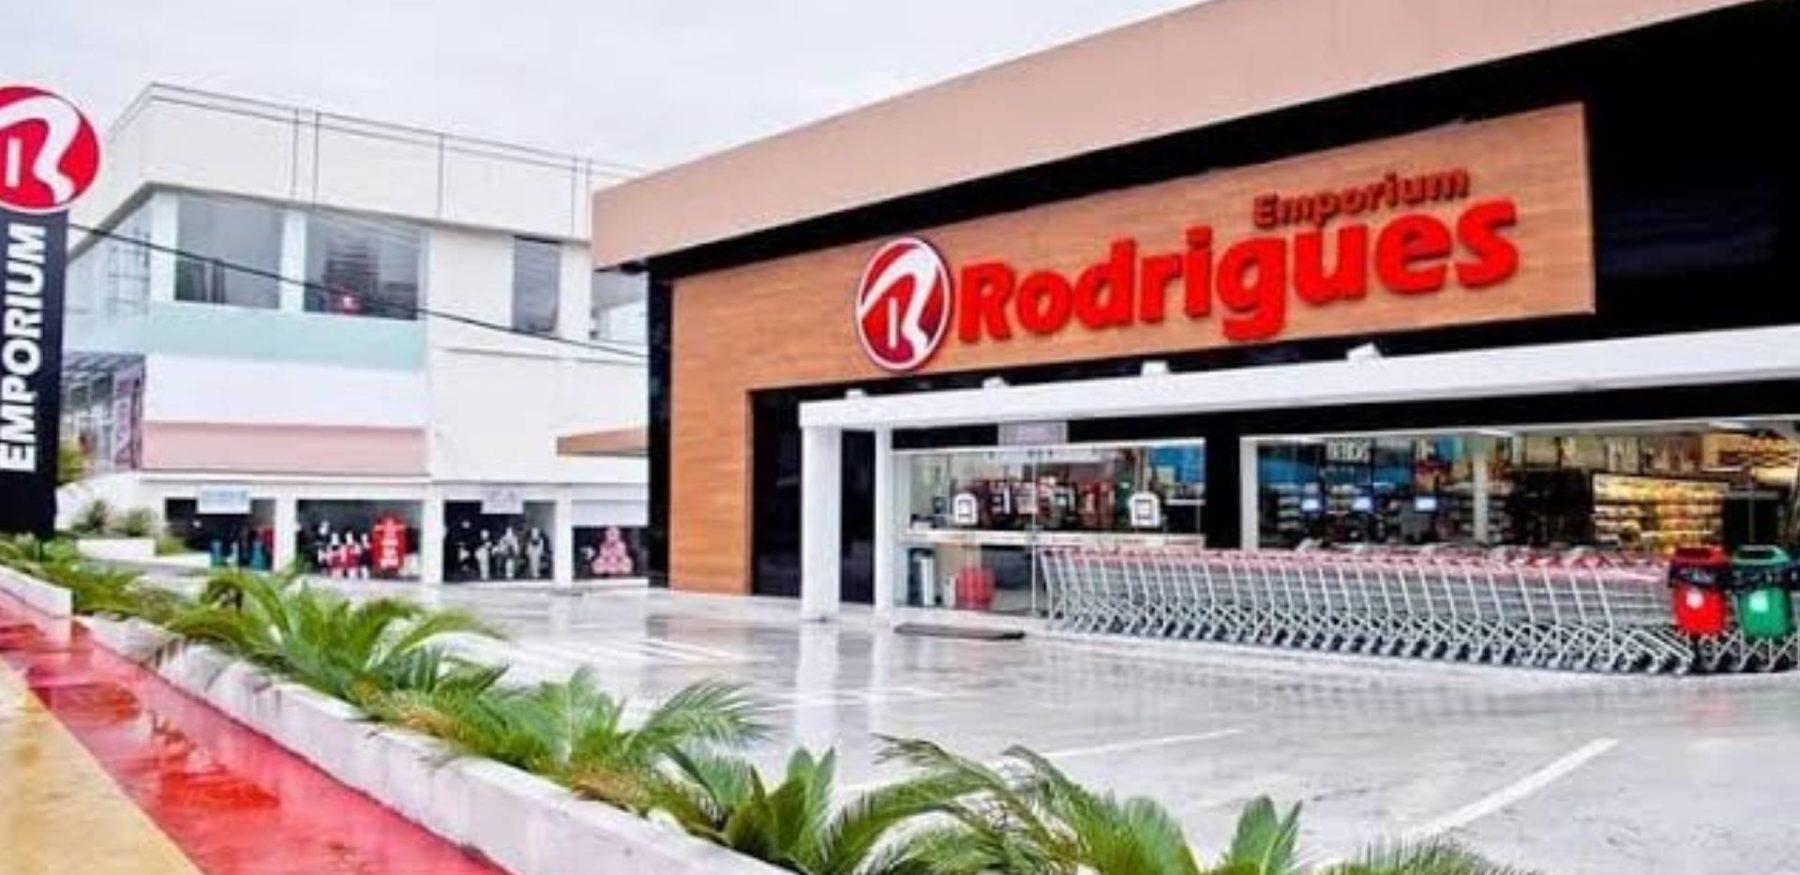 Supermercado Rodrigues Manaus 1800x875 - Supermercado Rodrigues Manaus abre inscrições de emprego para Ajudante de Estoque